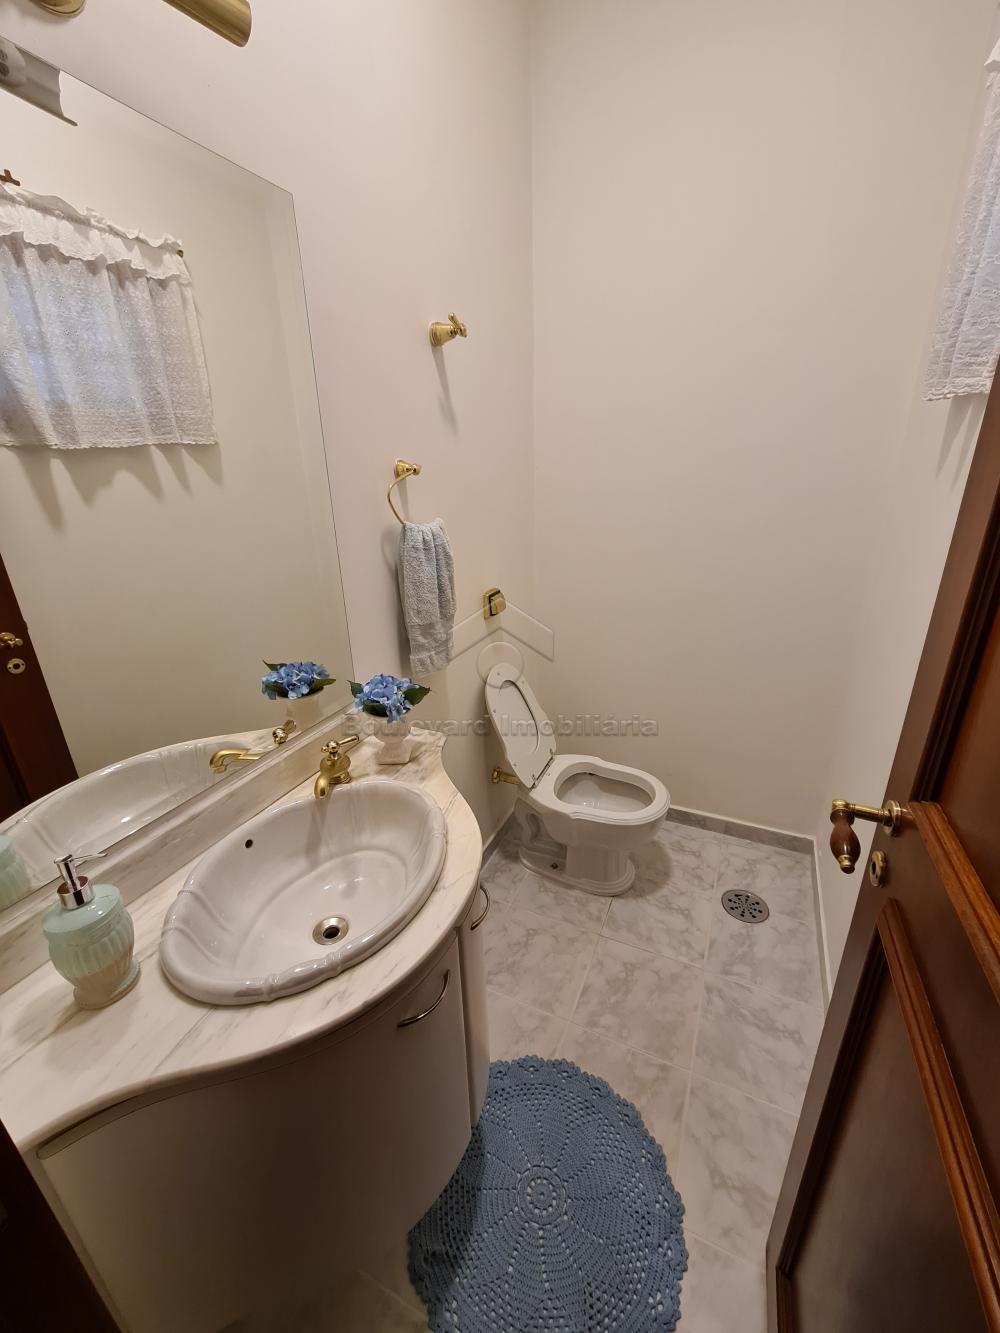 Comprar Casa / Condomínio em Bonfim Paulista R$ 3.200.000,00 - Foto 5